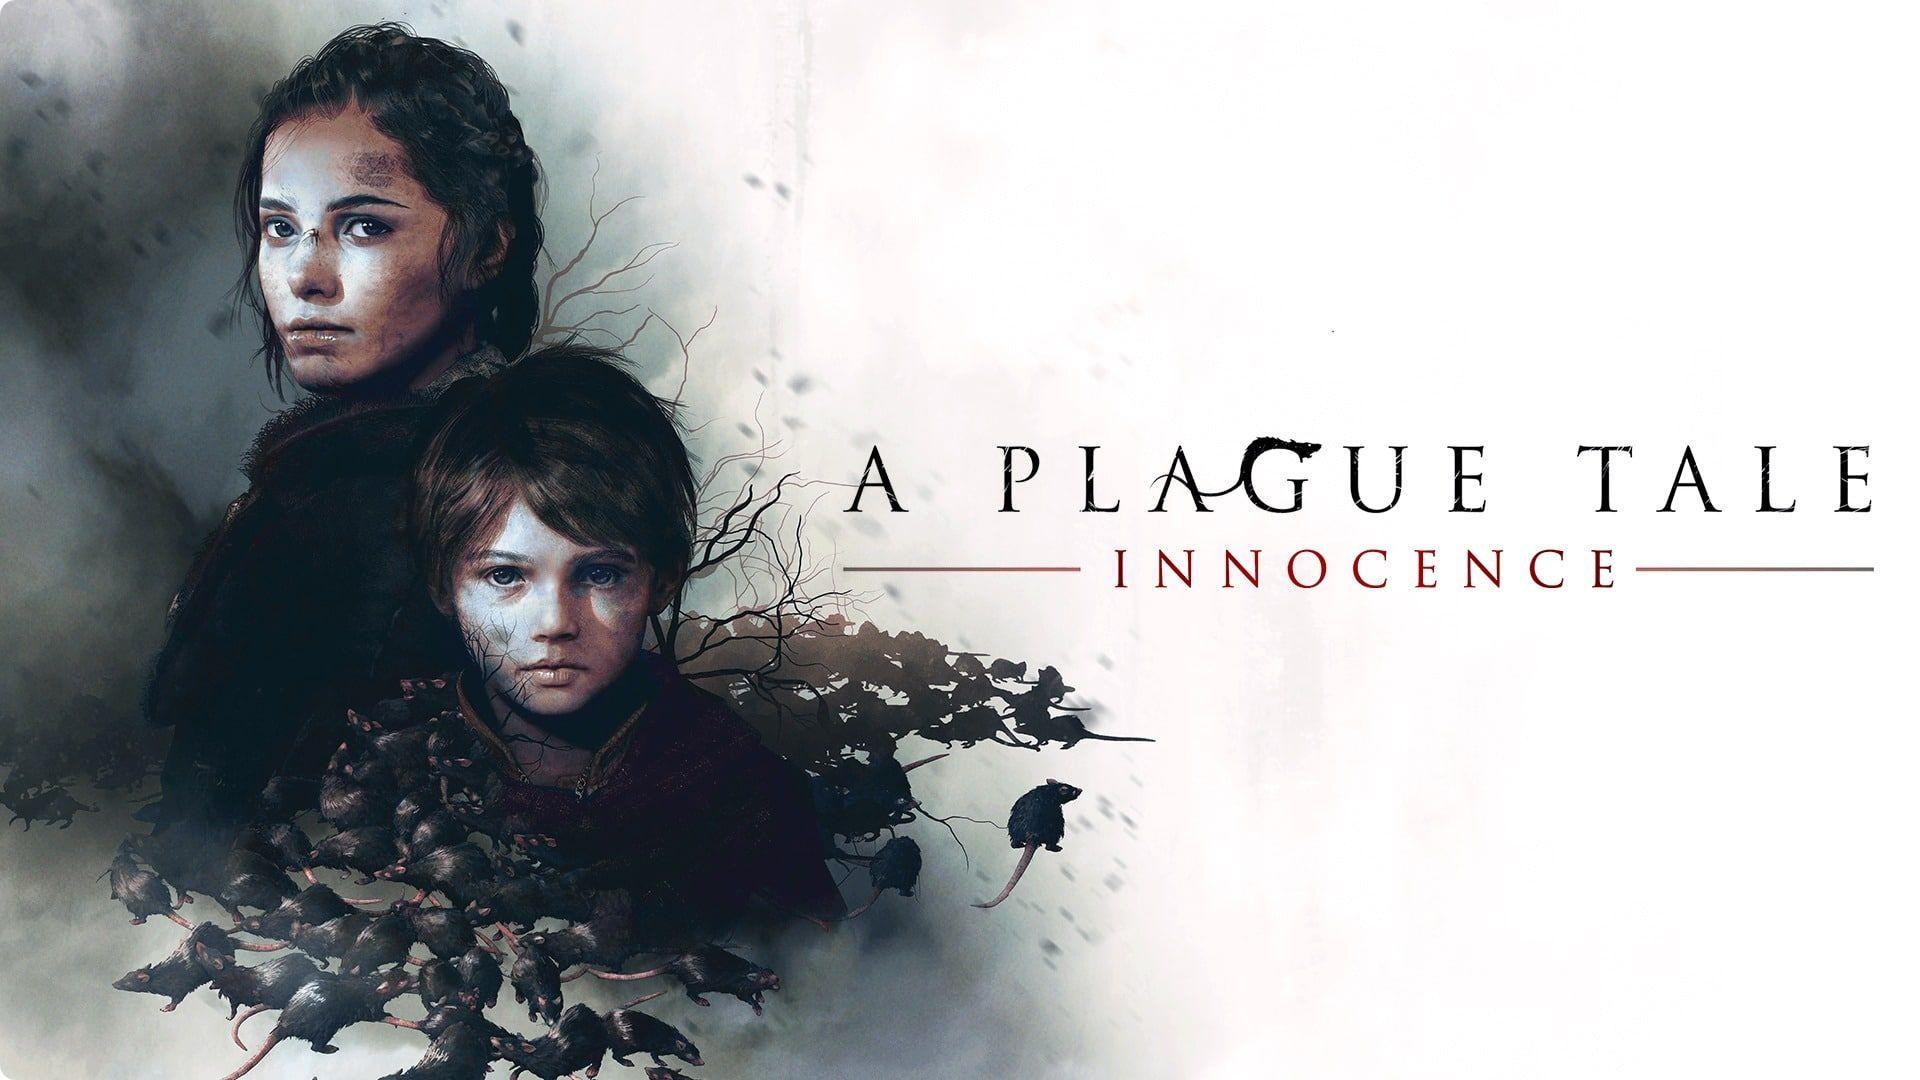 A plague tale innoncence - Quai10